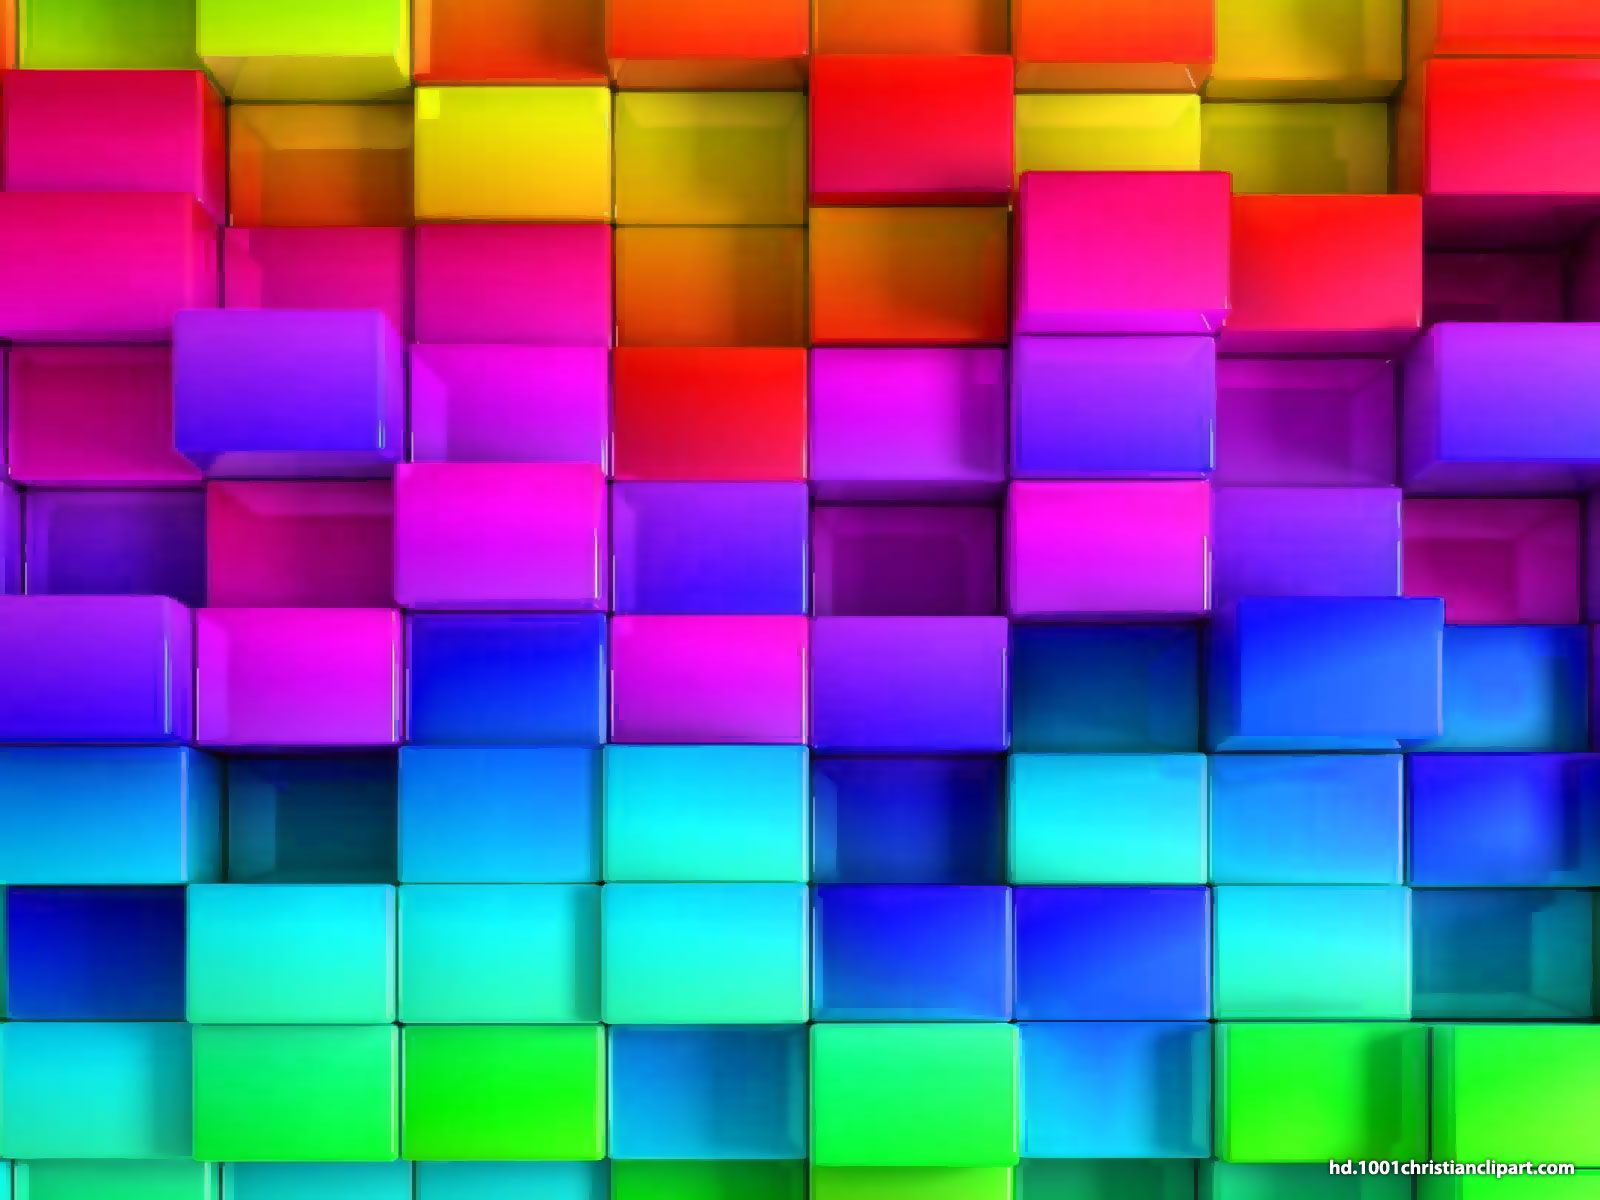 خلفيات بوربوينت بجودة عالية Powerpoint Wallpaper Hd Tecnologis Quilt Patterns Free Quilt Patterns White Wallpaper For Iphone